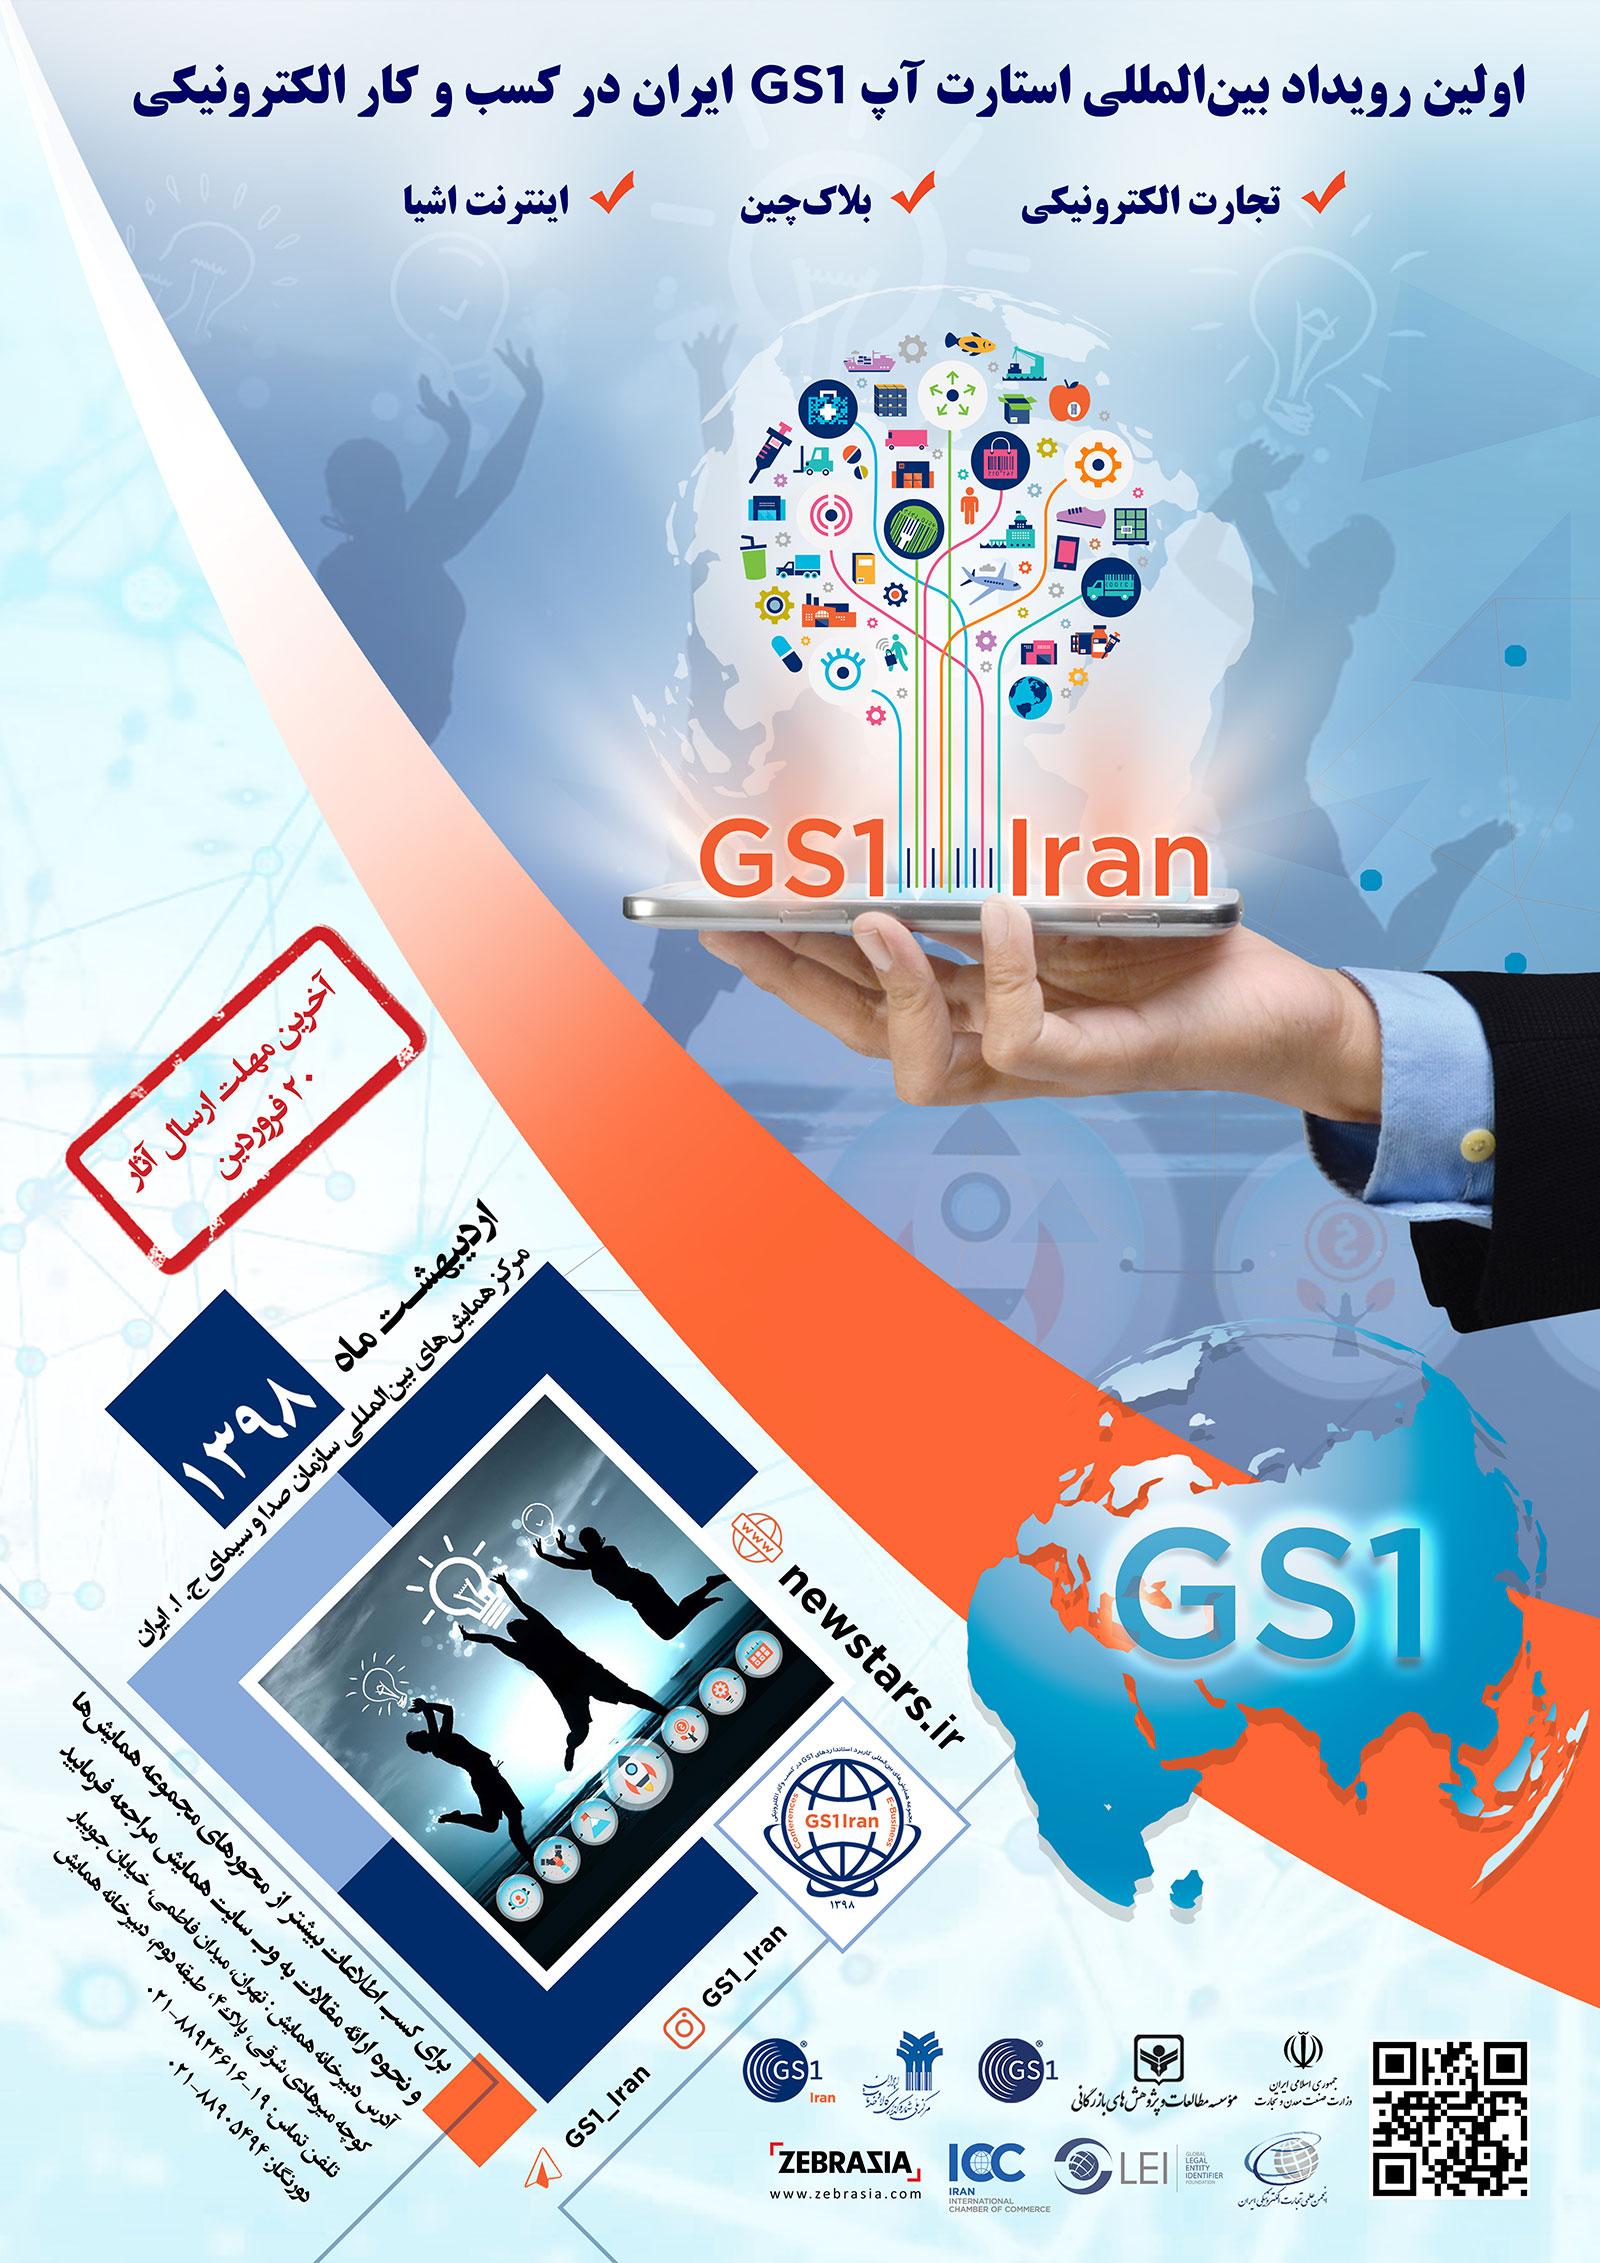 مدیران جهانی کسب و کار ، اردیبهشت ماه به تهران می آیند